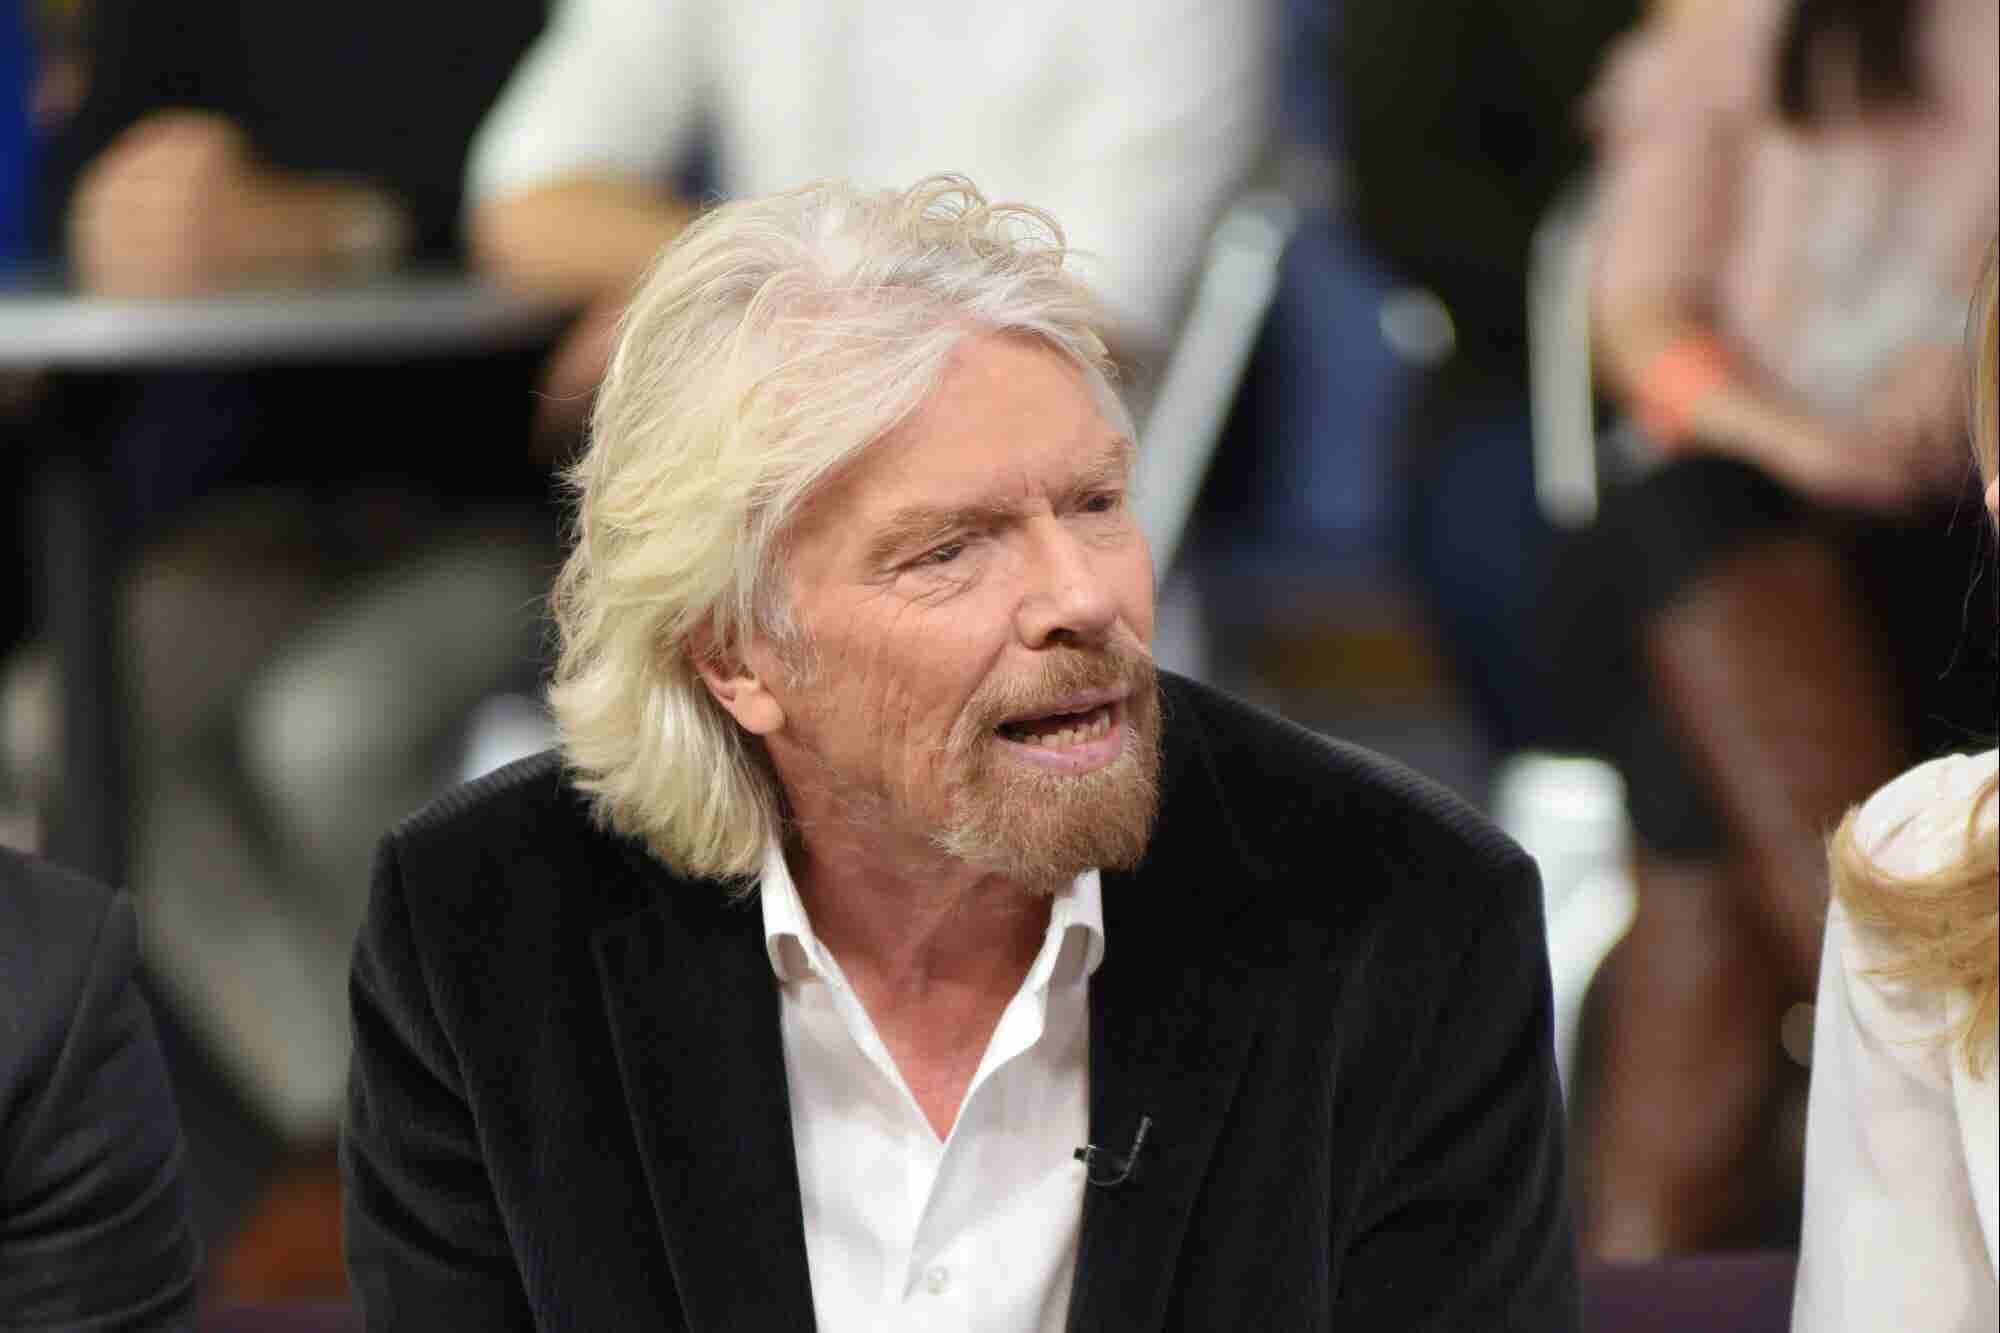 ¿La semana laboral de 3 días de Richard Branson realmente funciona?